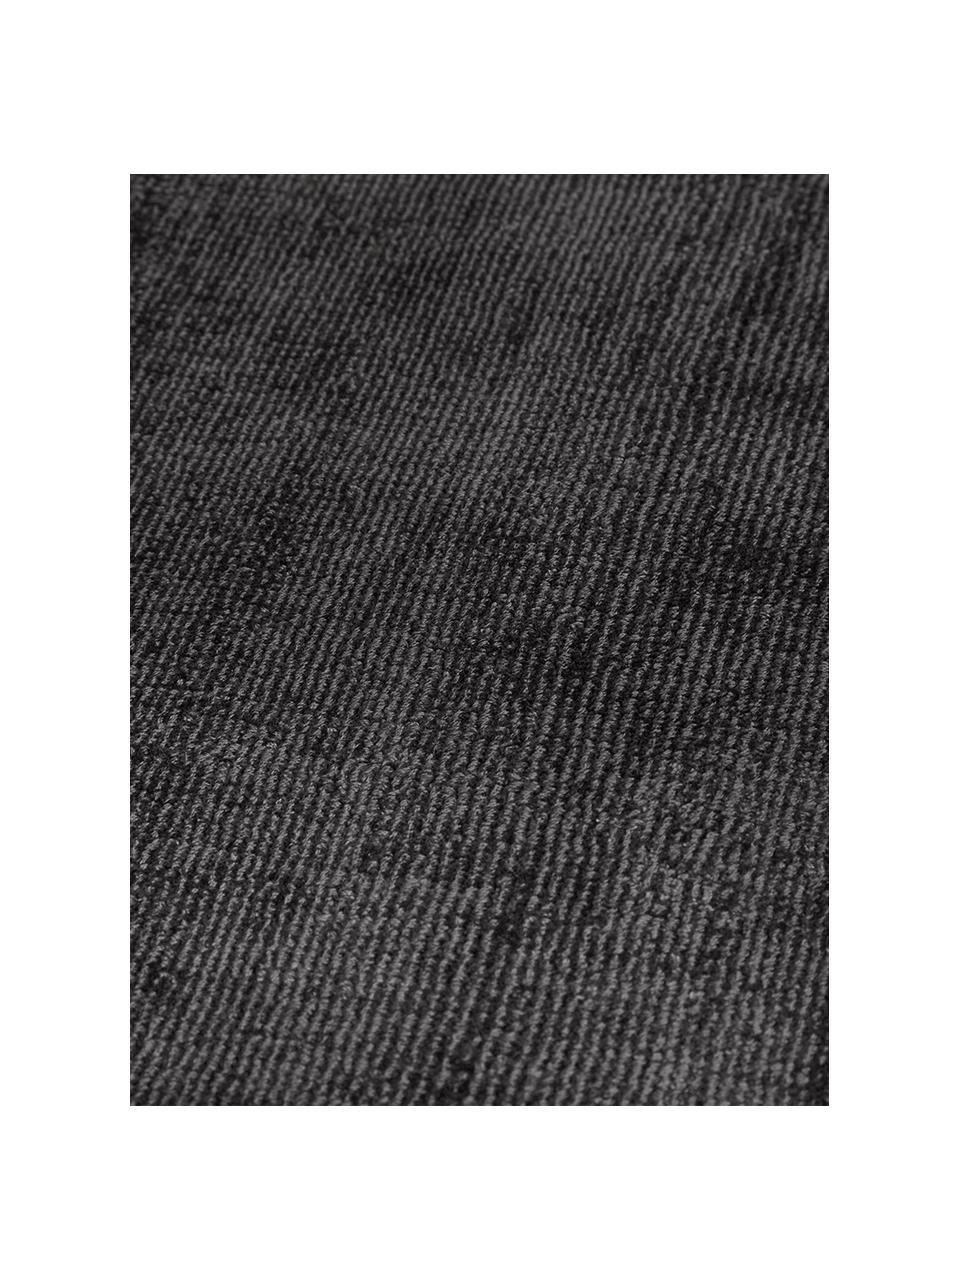 Runder Viskoseteppich Jane in Anthrazit-Schwarz, handgewebt, Flor: 100% Viskose, Anthrazit-Schwarz, Ø 200 cm (Größe L)